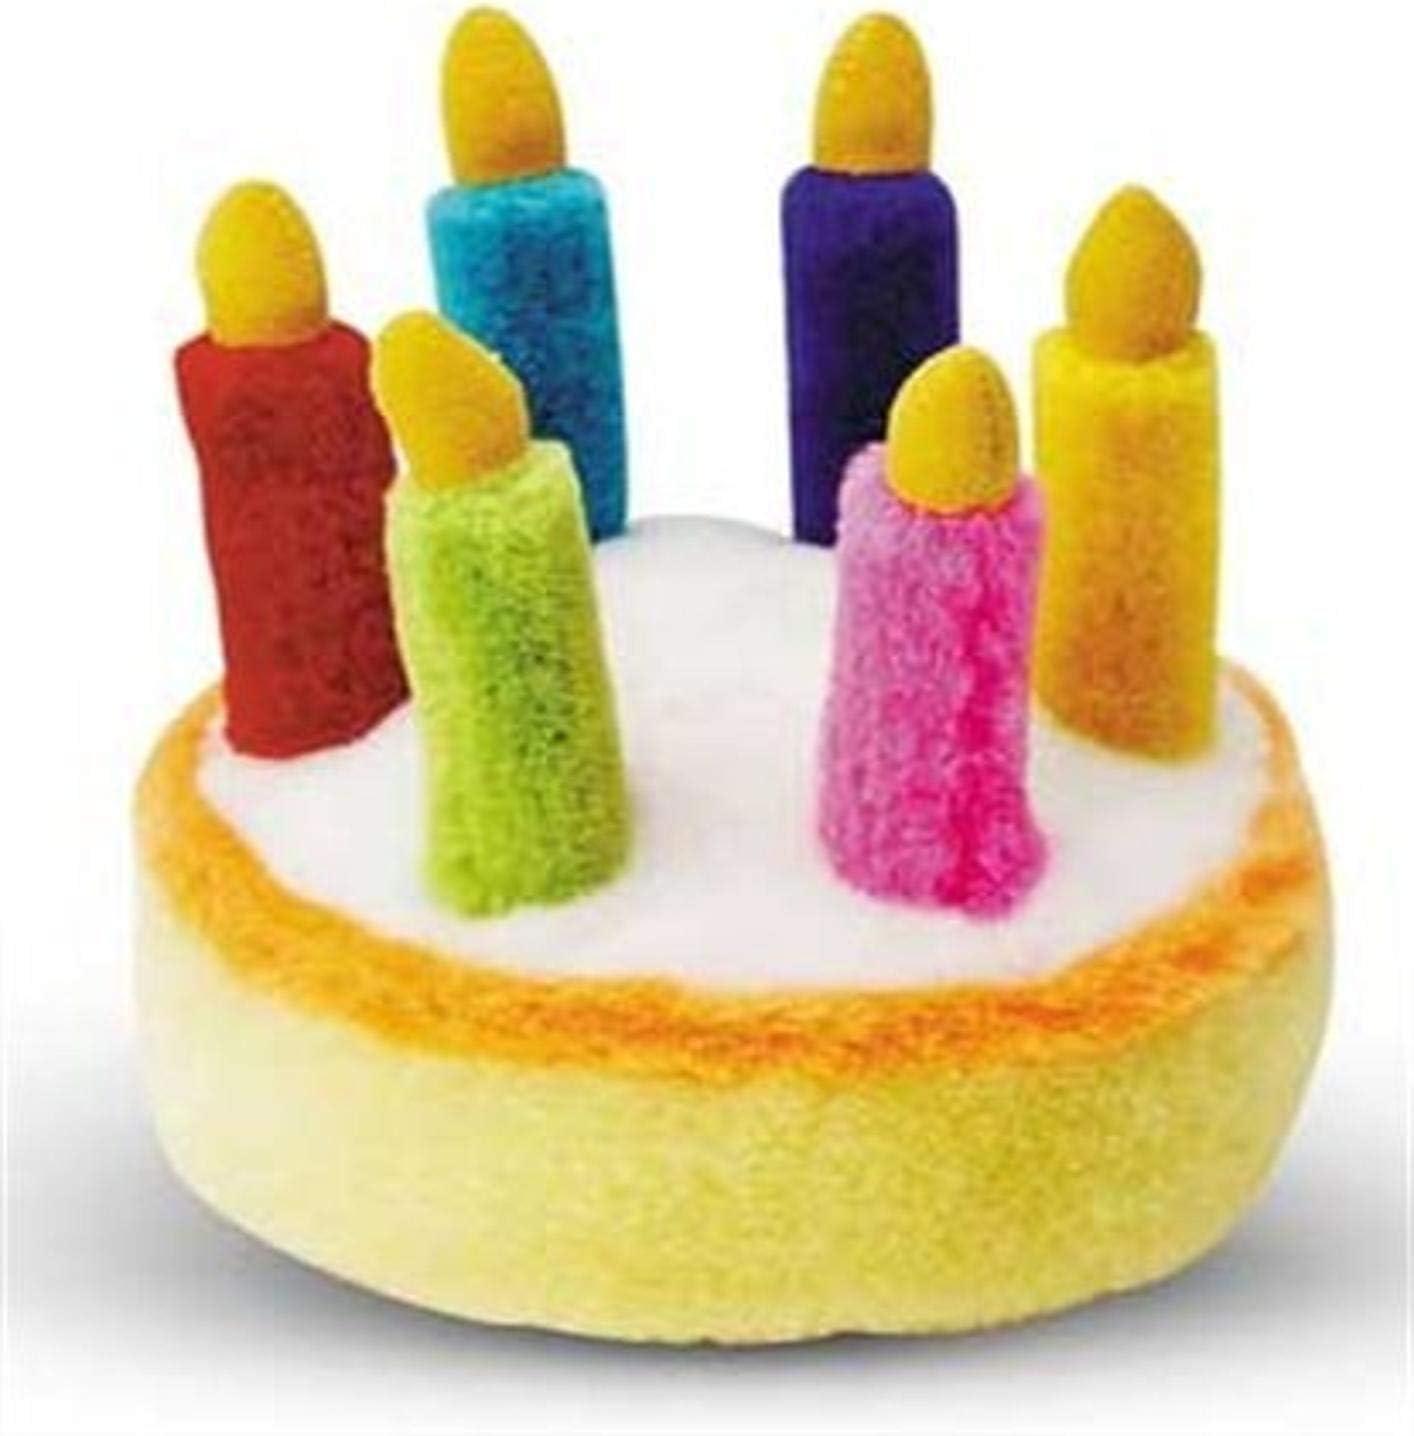 Multipet Birthday Cake 5.5